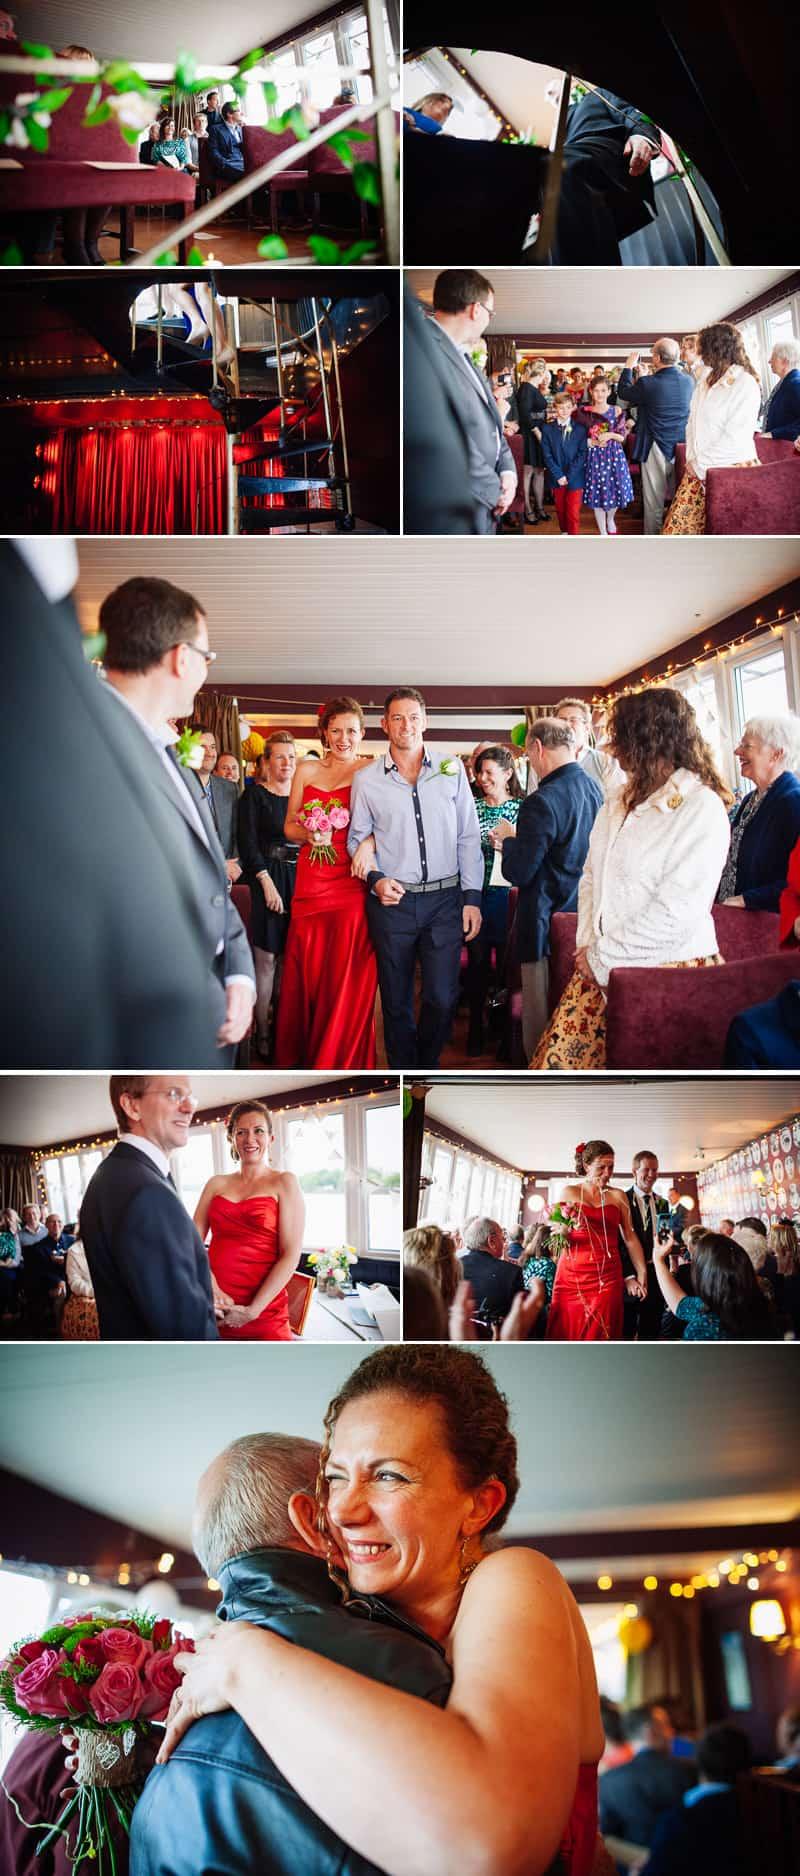 Battersea barge wedding